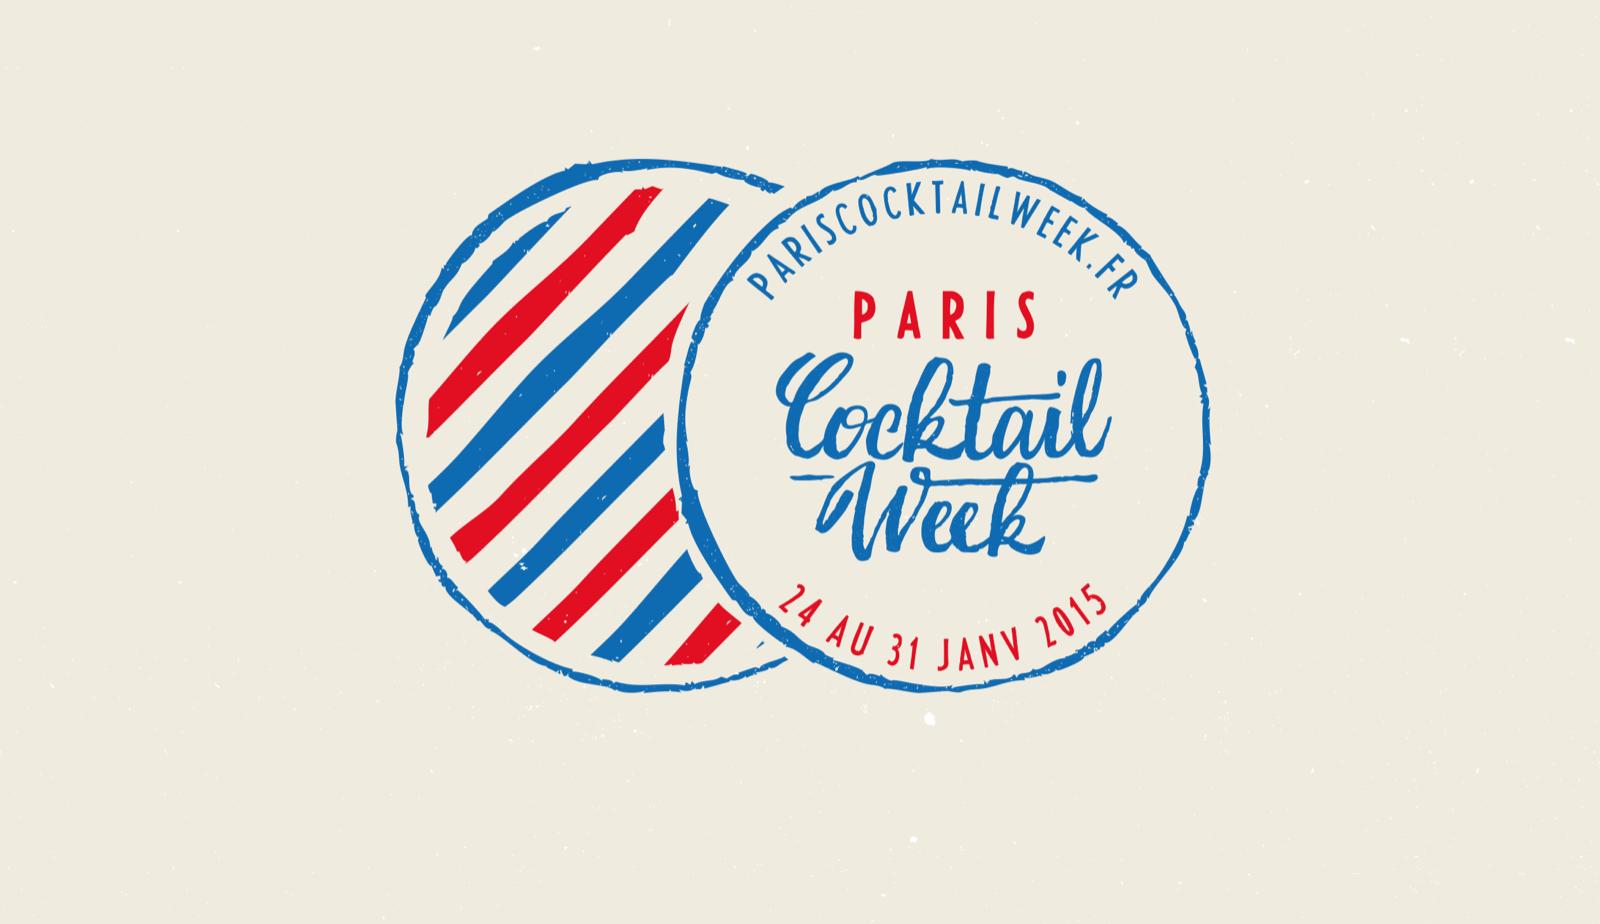 La Paris Cocktail Week du 23 au 30 janvier 2016 !